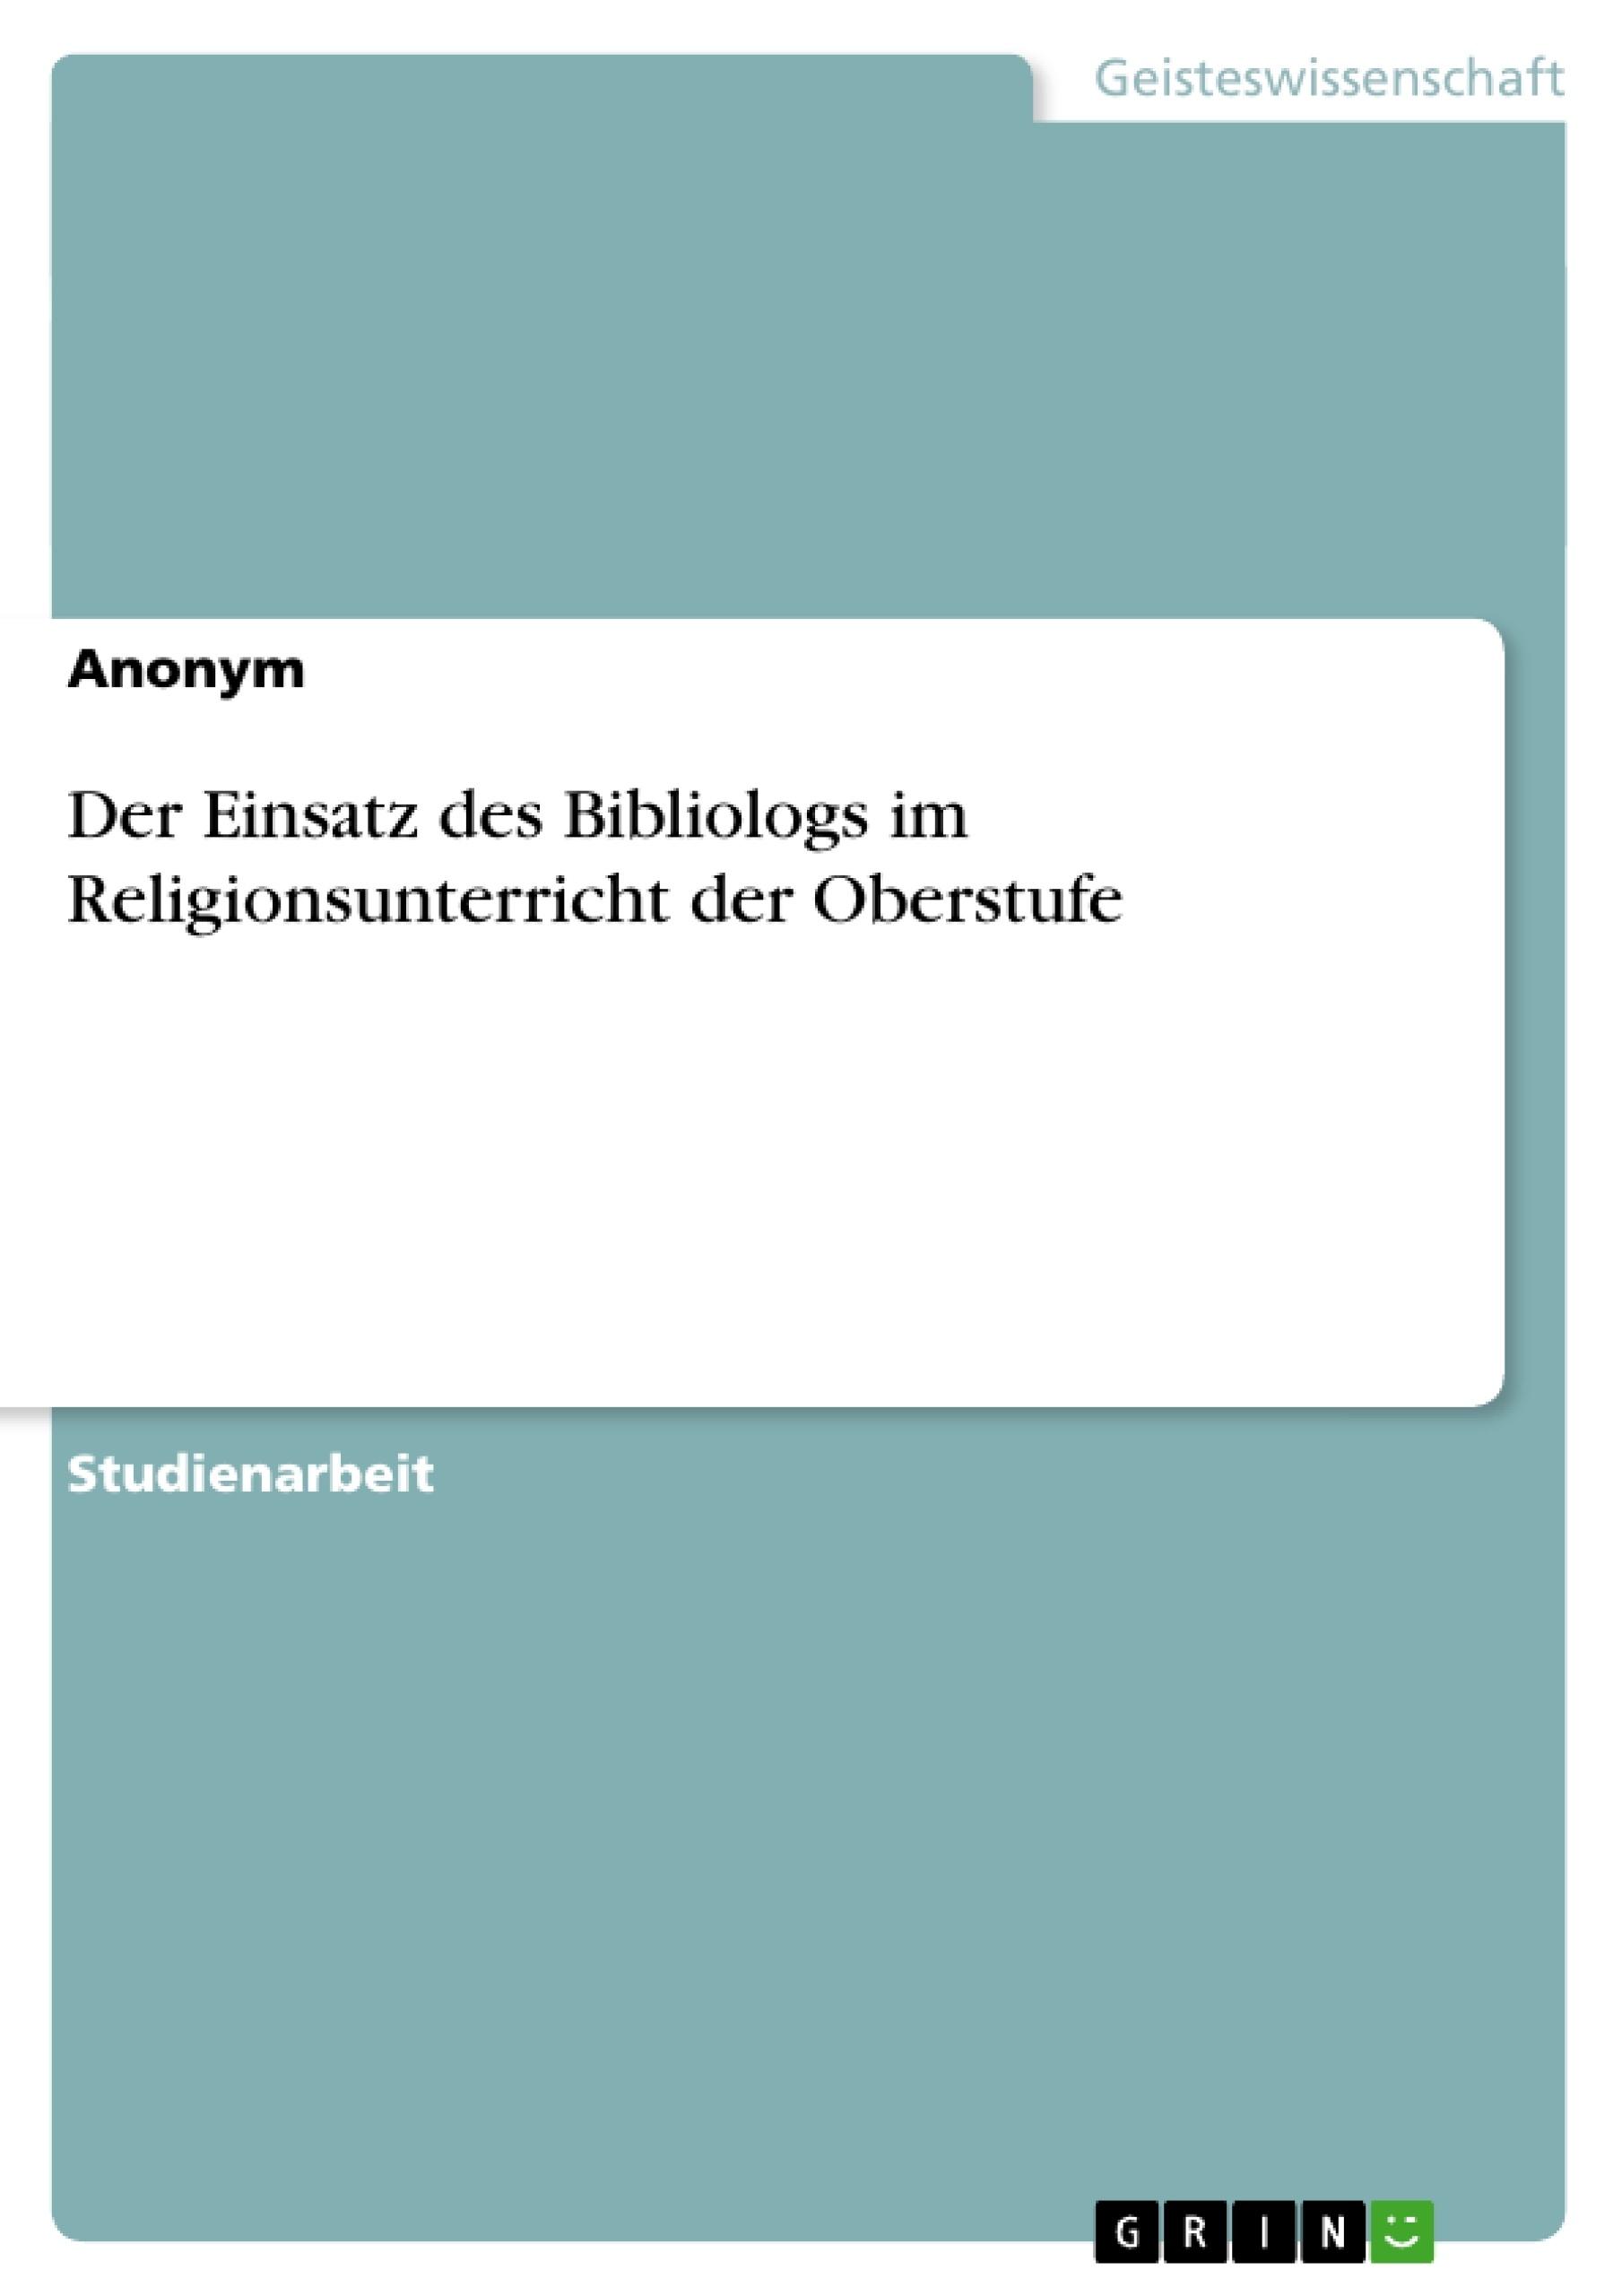 Titel: Der Einsatz des Bibliologs im Religionsunterricht der Oberstufe